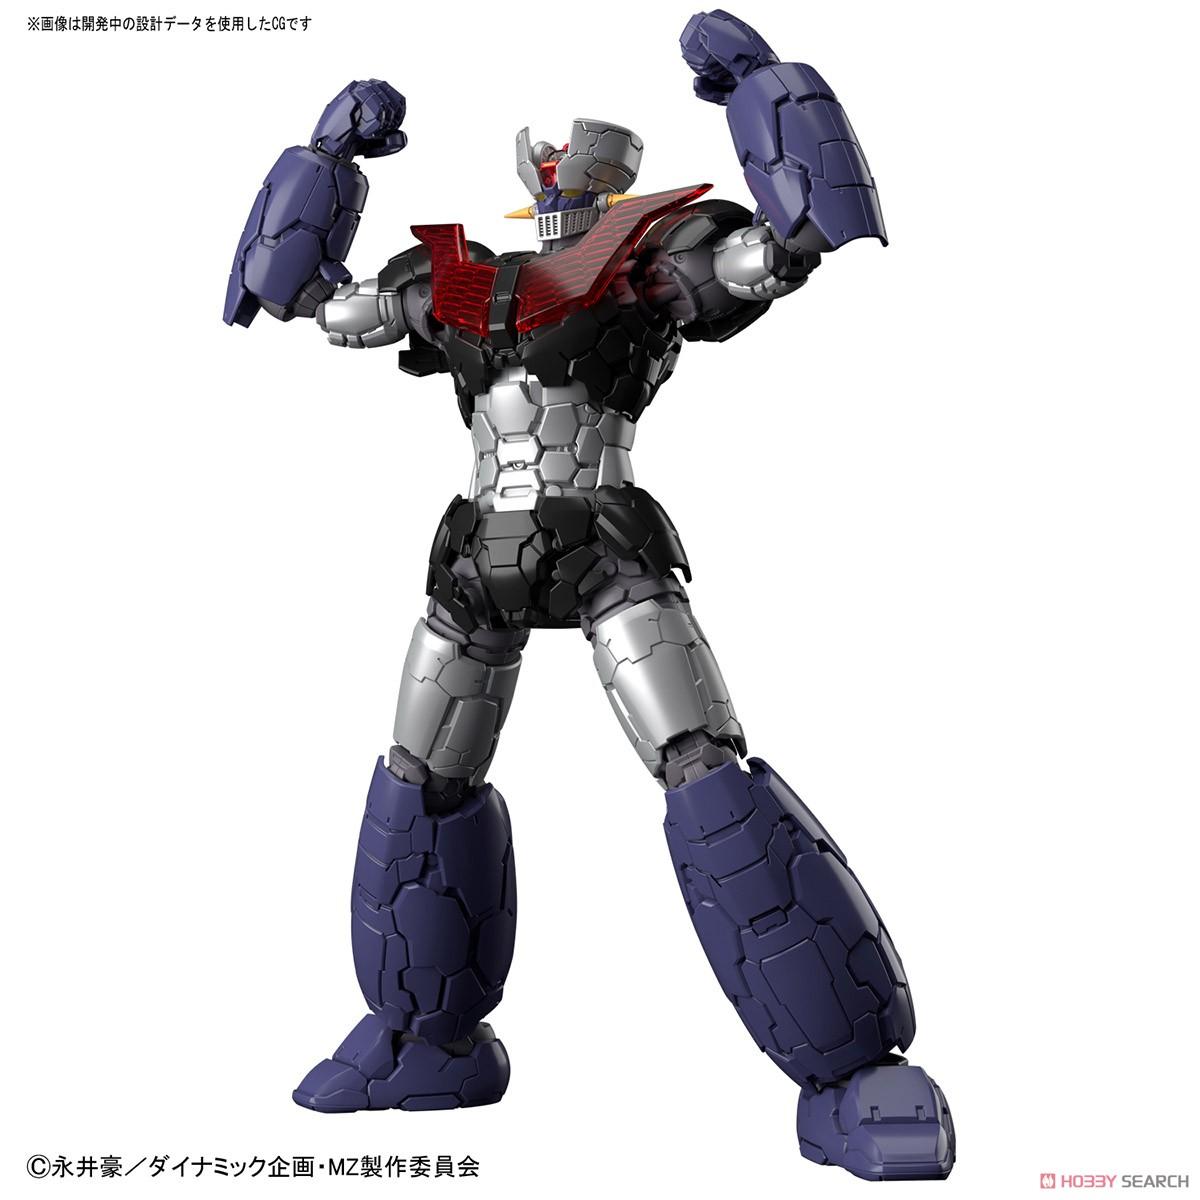 เปิดรับPreorder มีค่ามัดจำ 100 บาท Mazinger Z (Mazinger Z: Infinity Ver.) (HG) (Plastic model)//ฺBandai